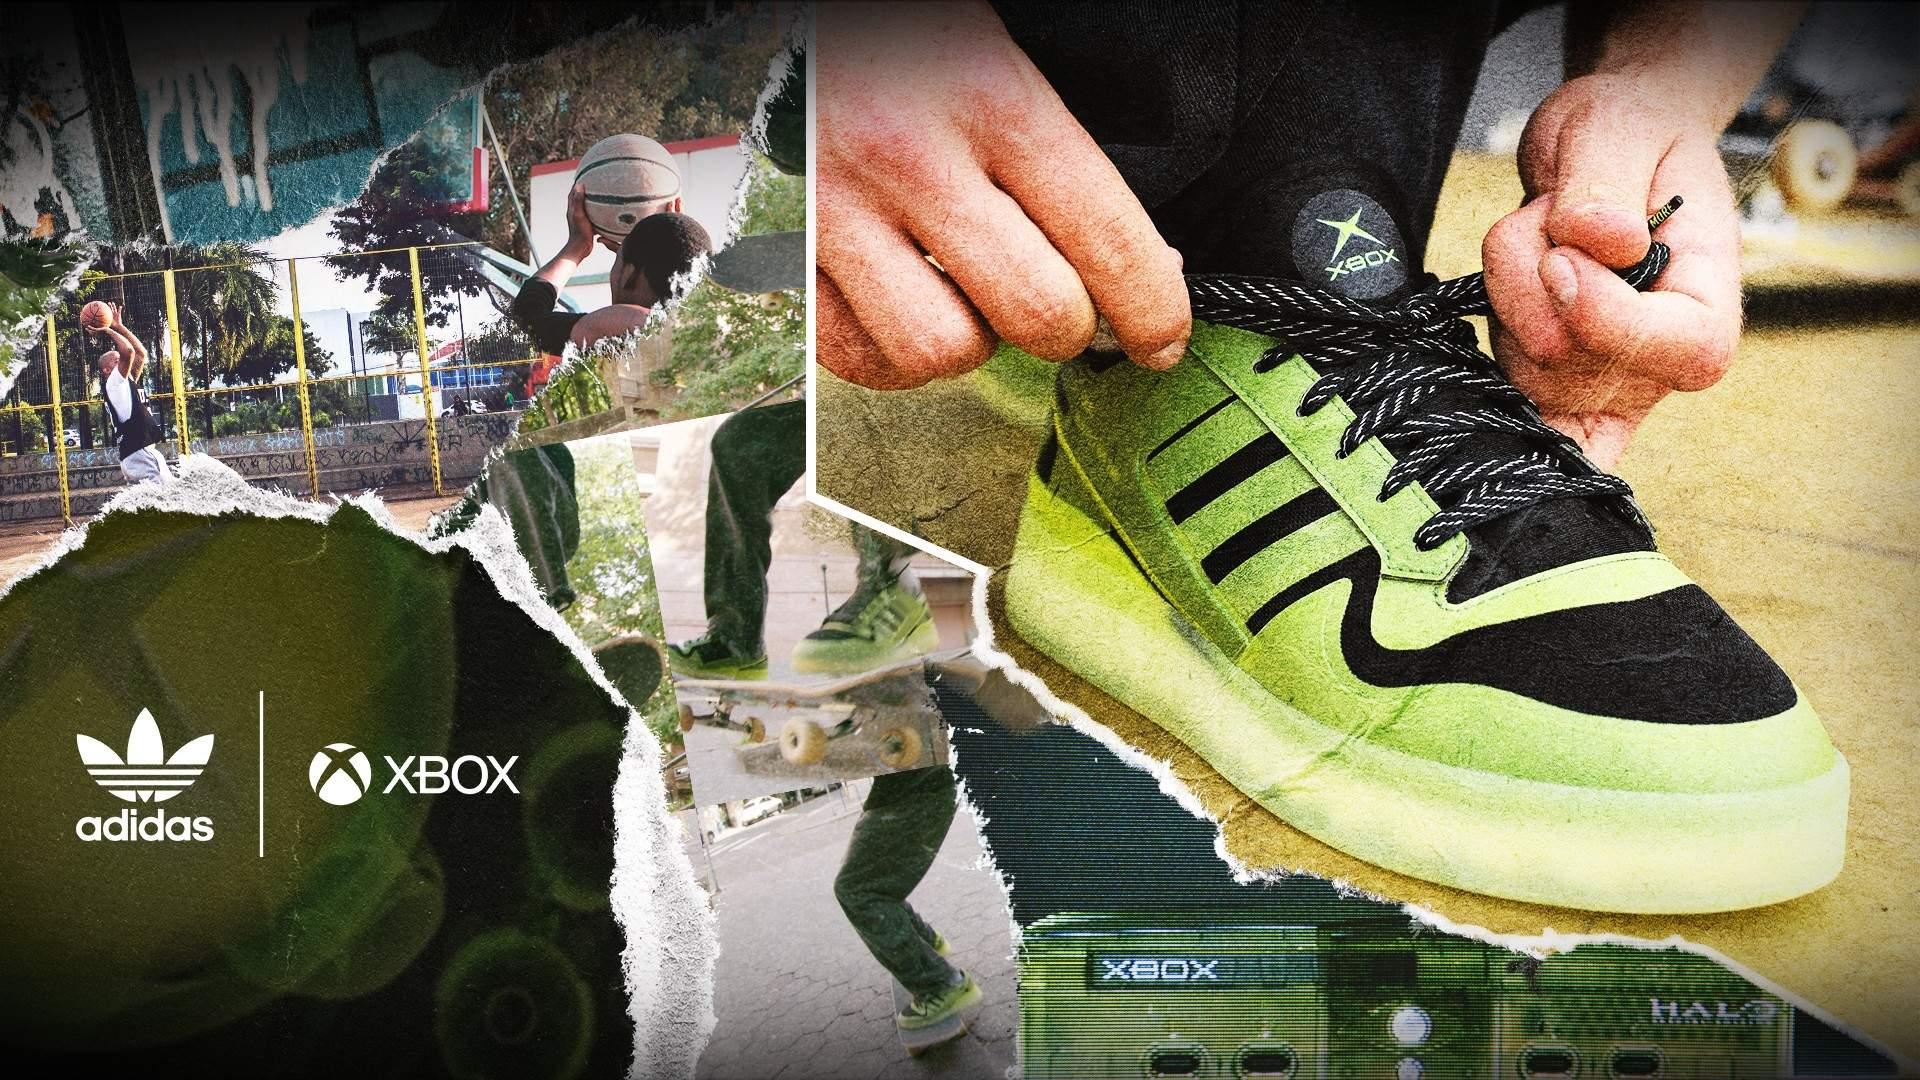 adidas xbox кроссовки